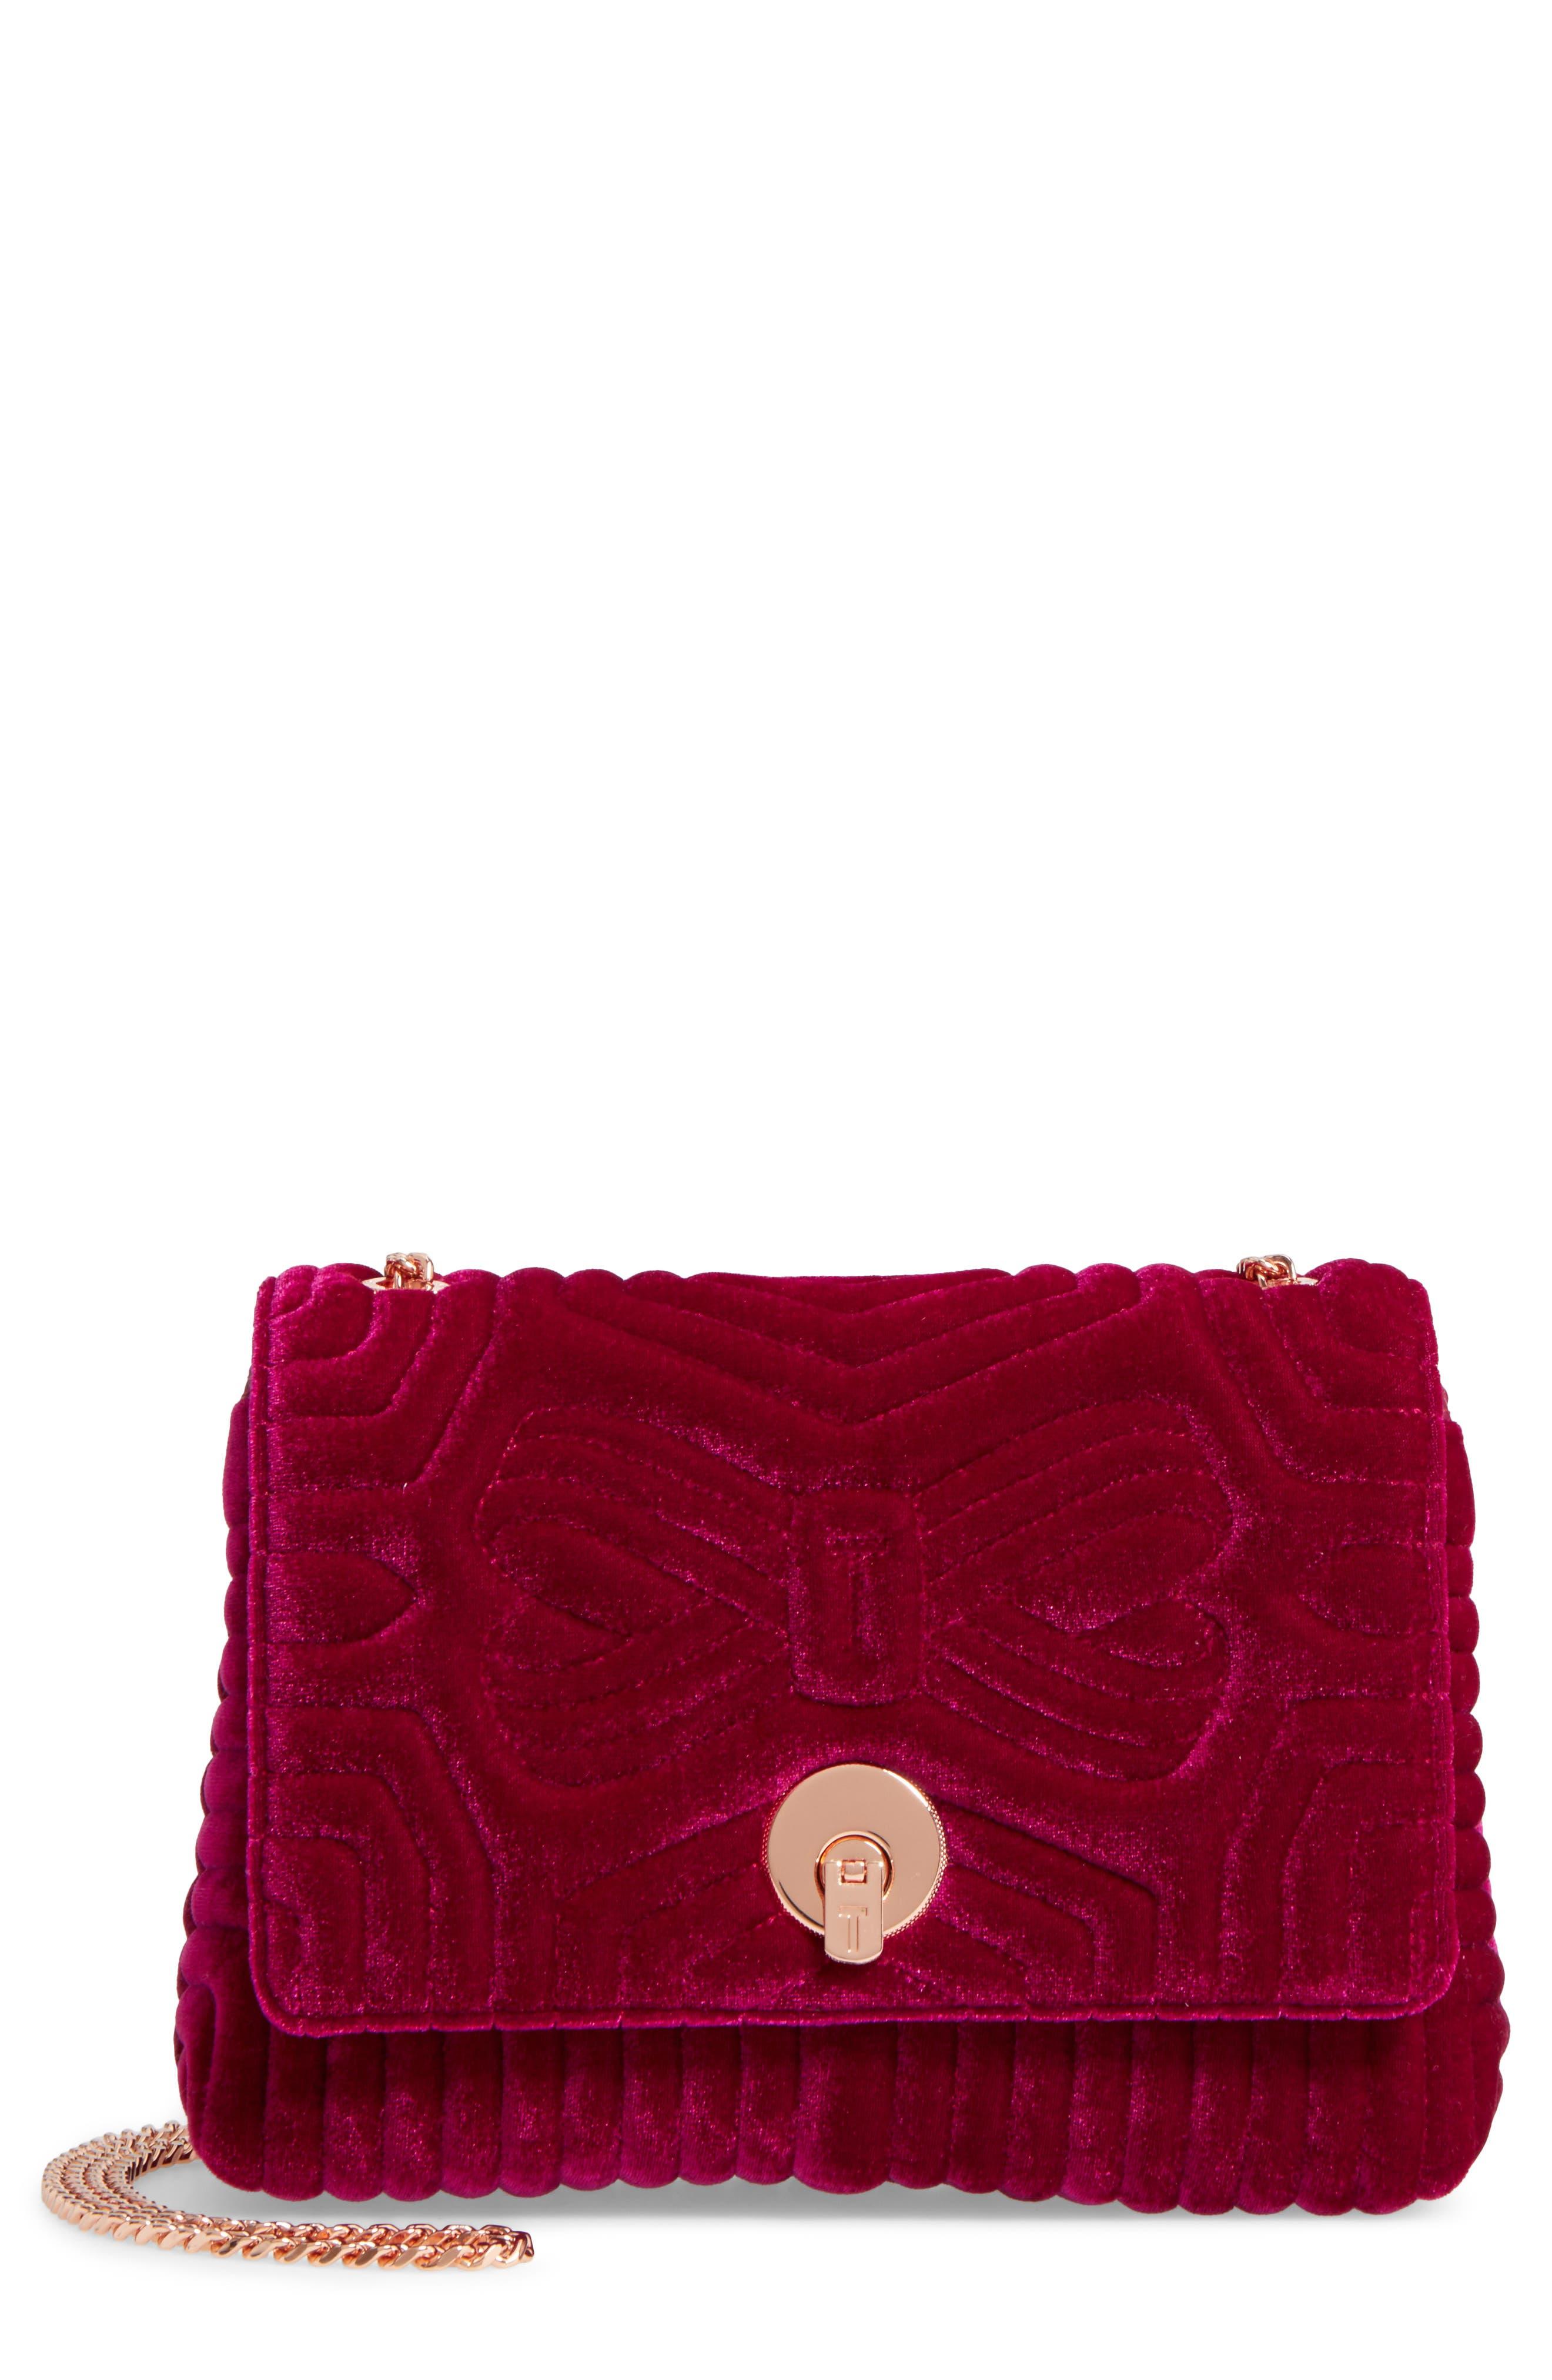 Main Image - Ted Baker London Quilted Velvet Crossbody Bag